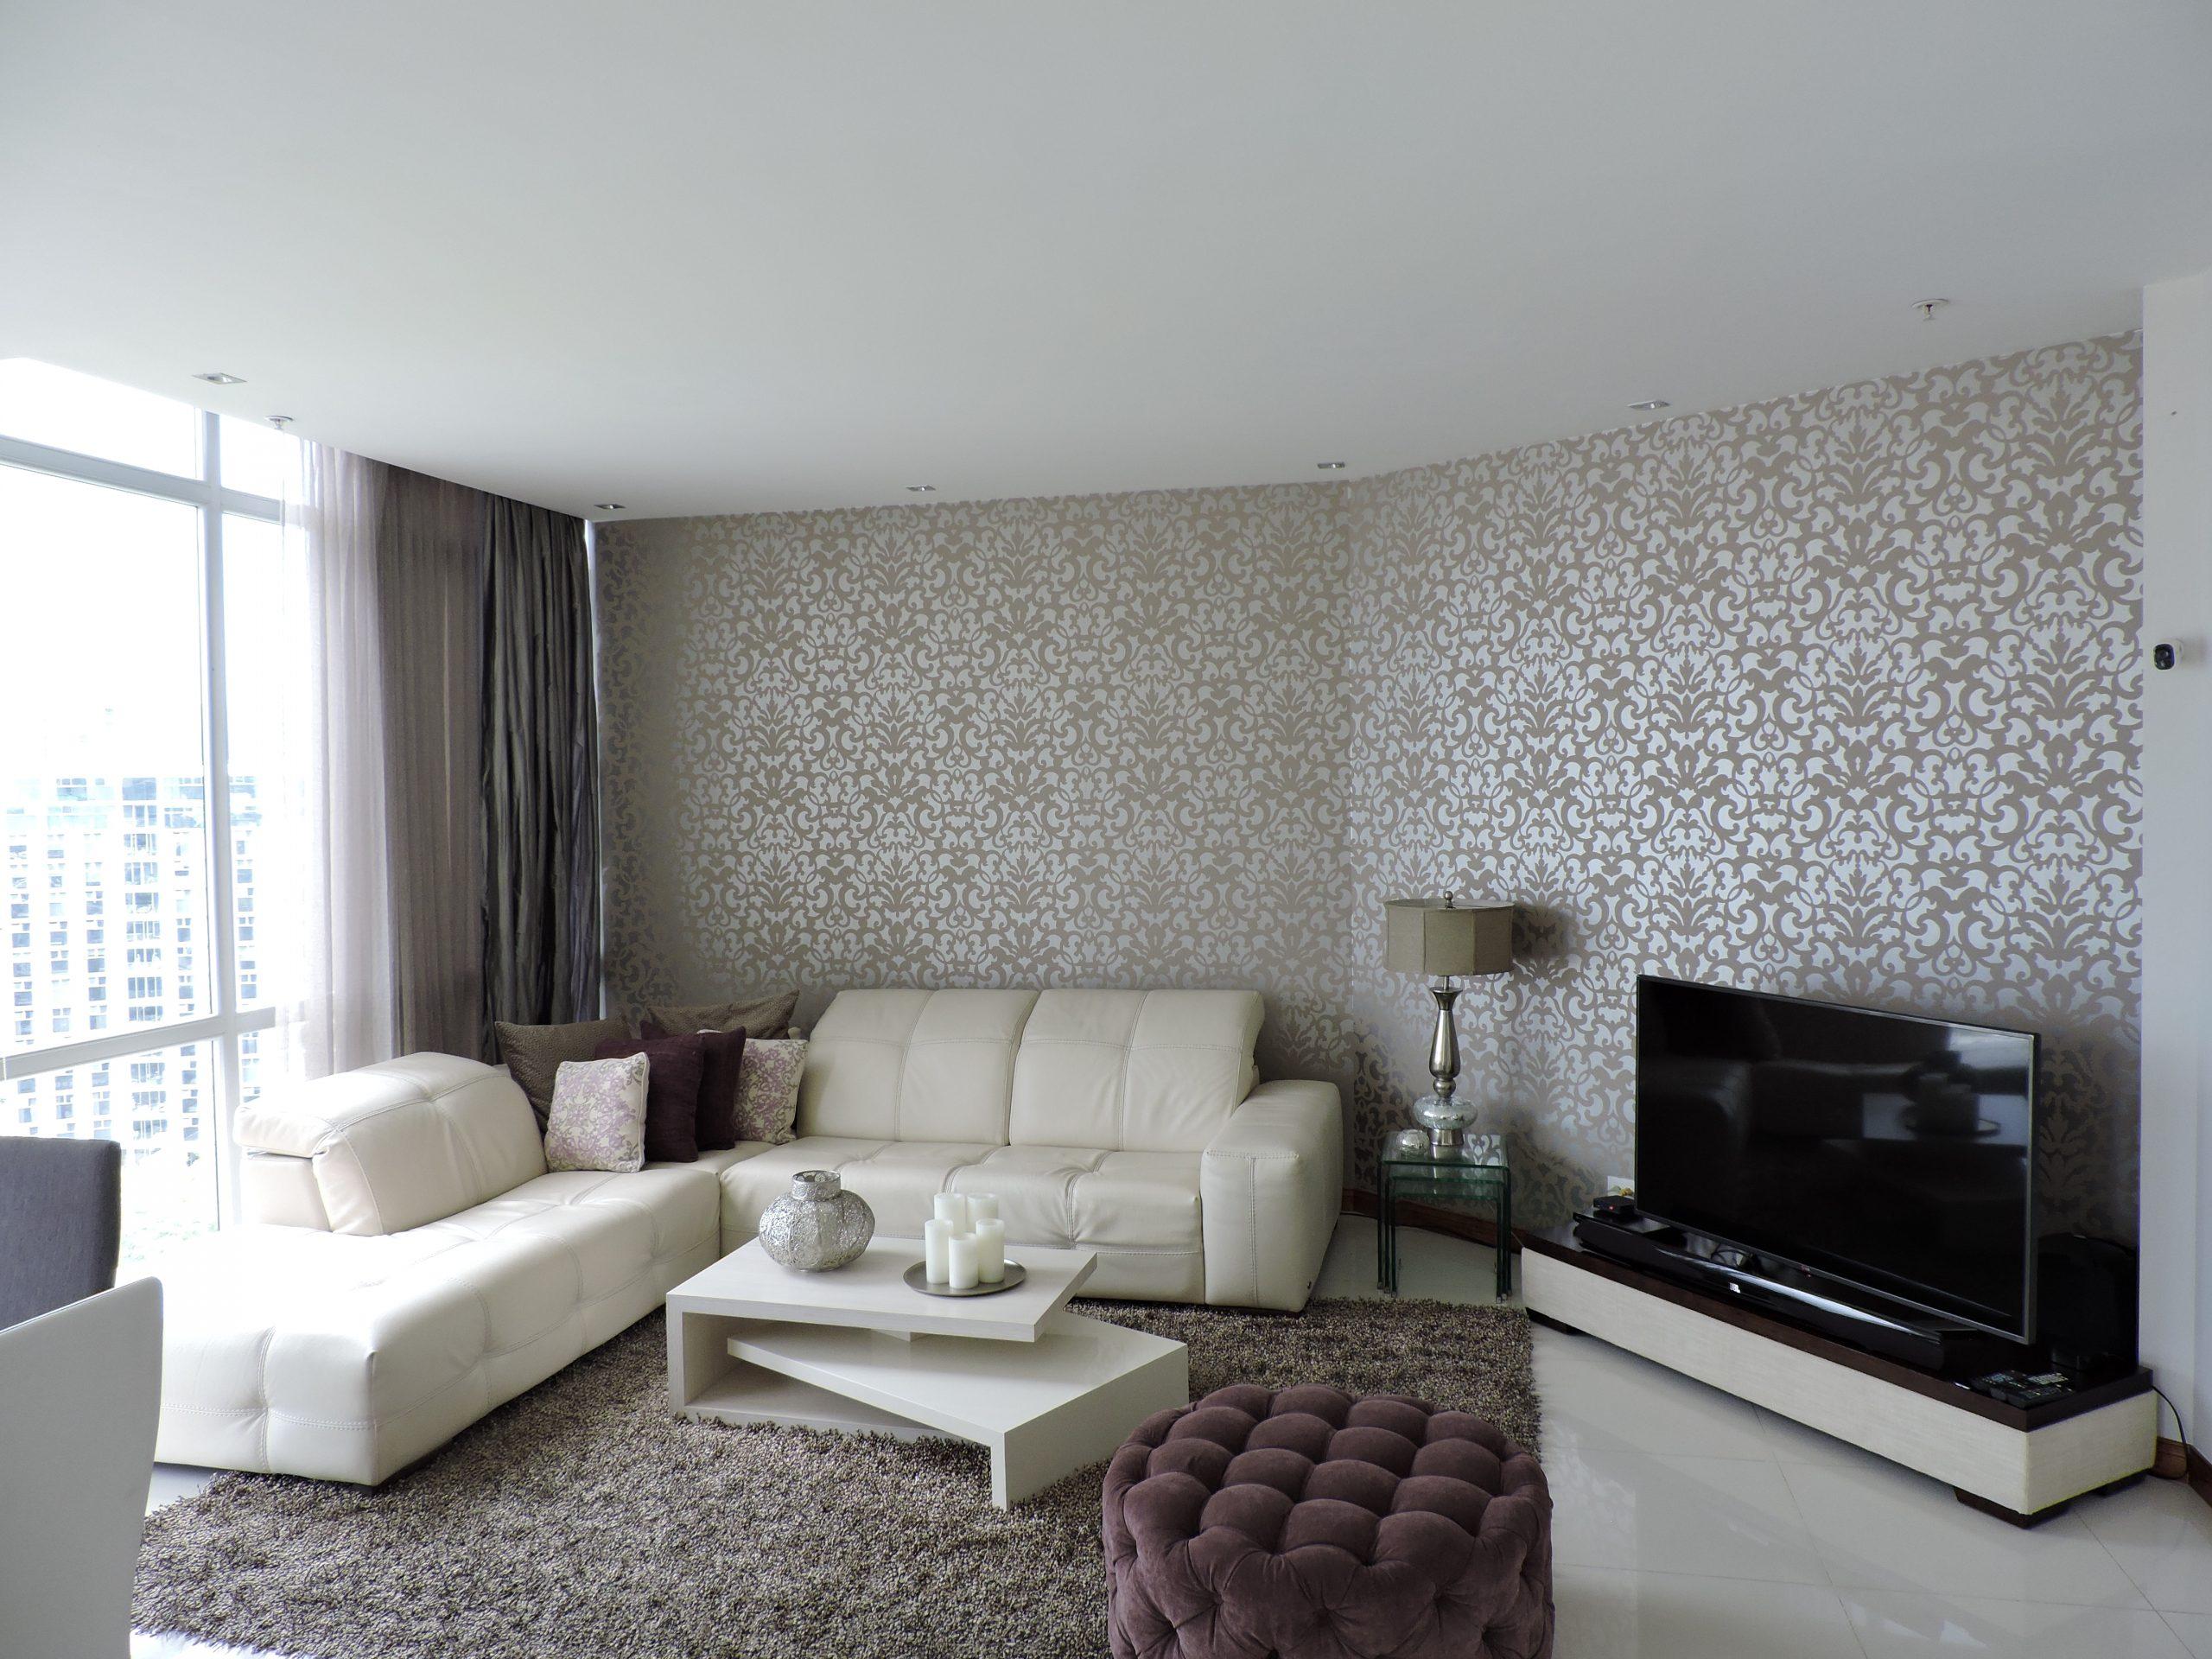 2560 Se Vende Apartamento en Condominio en Nunciatura